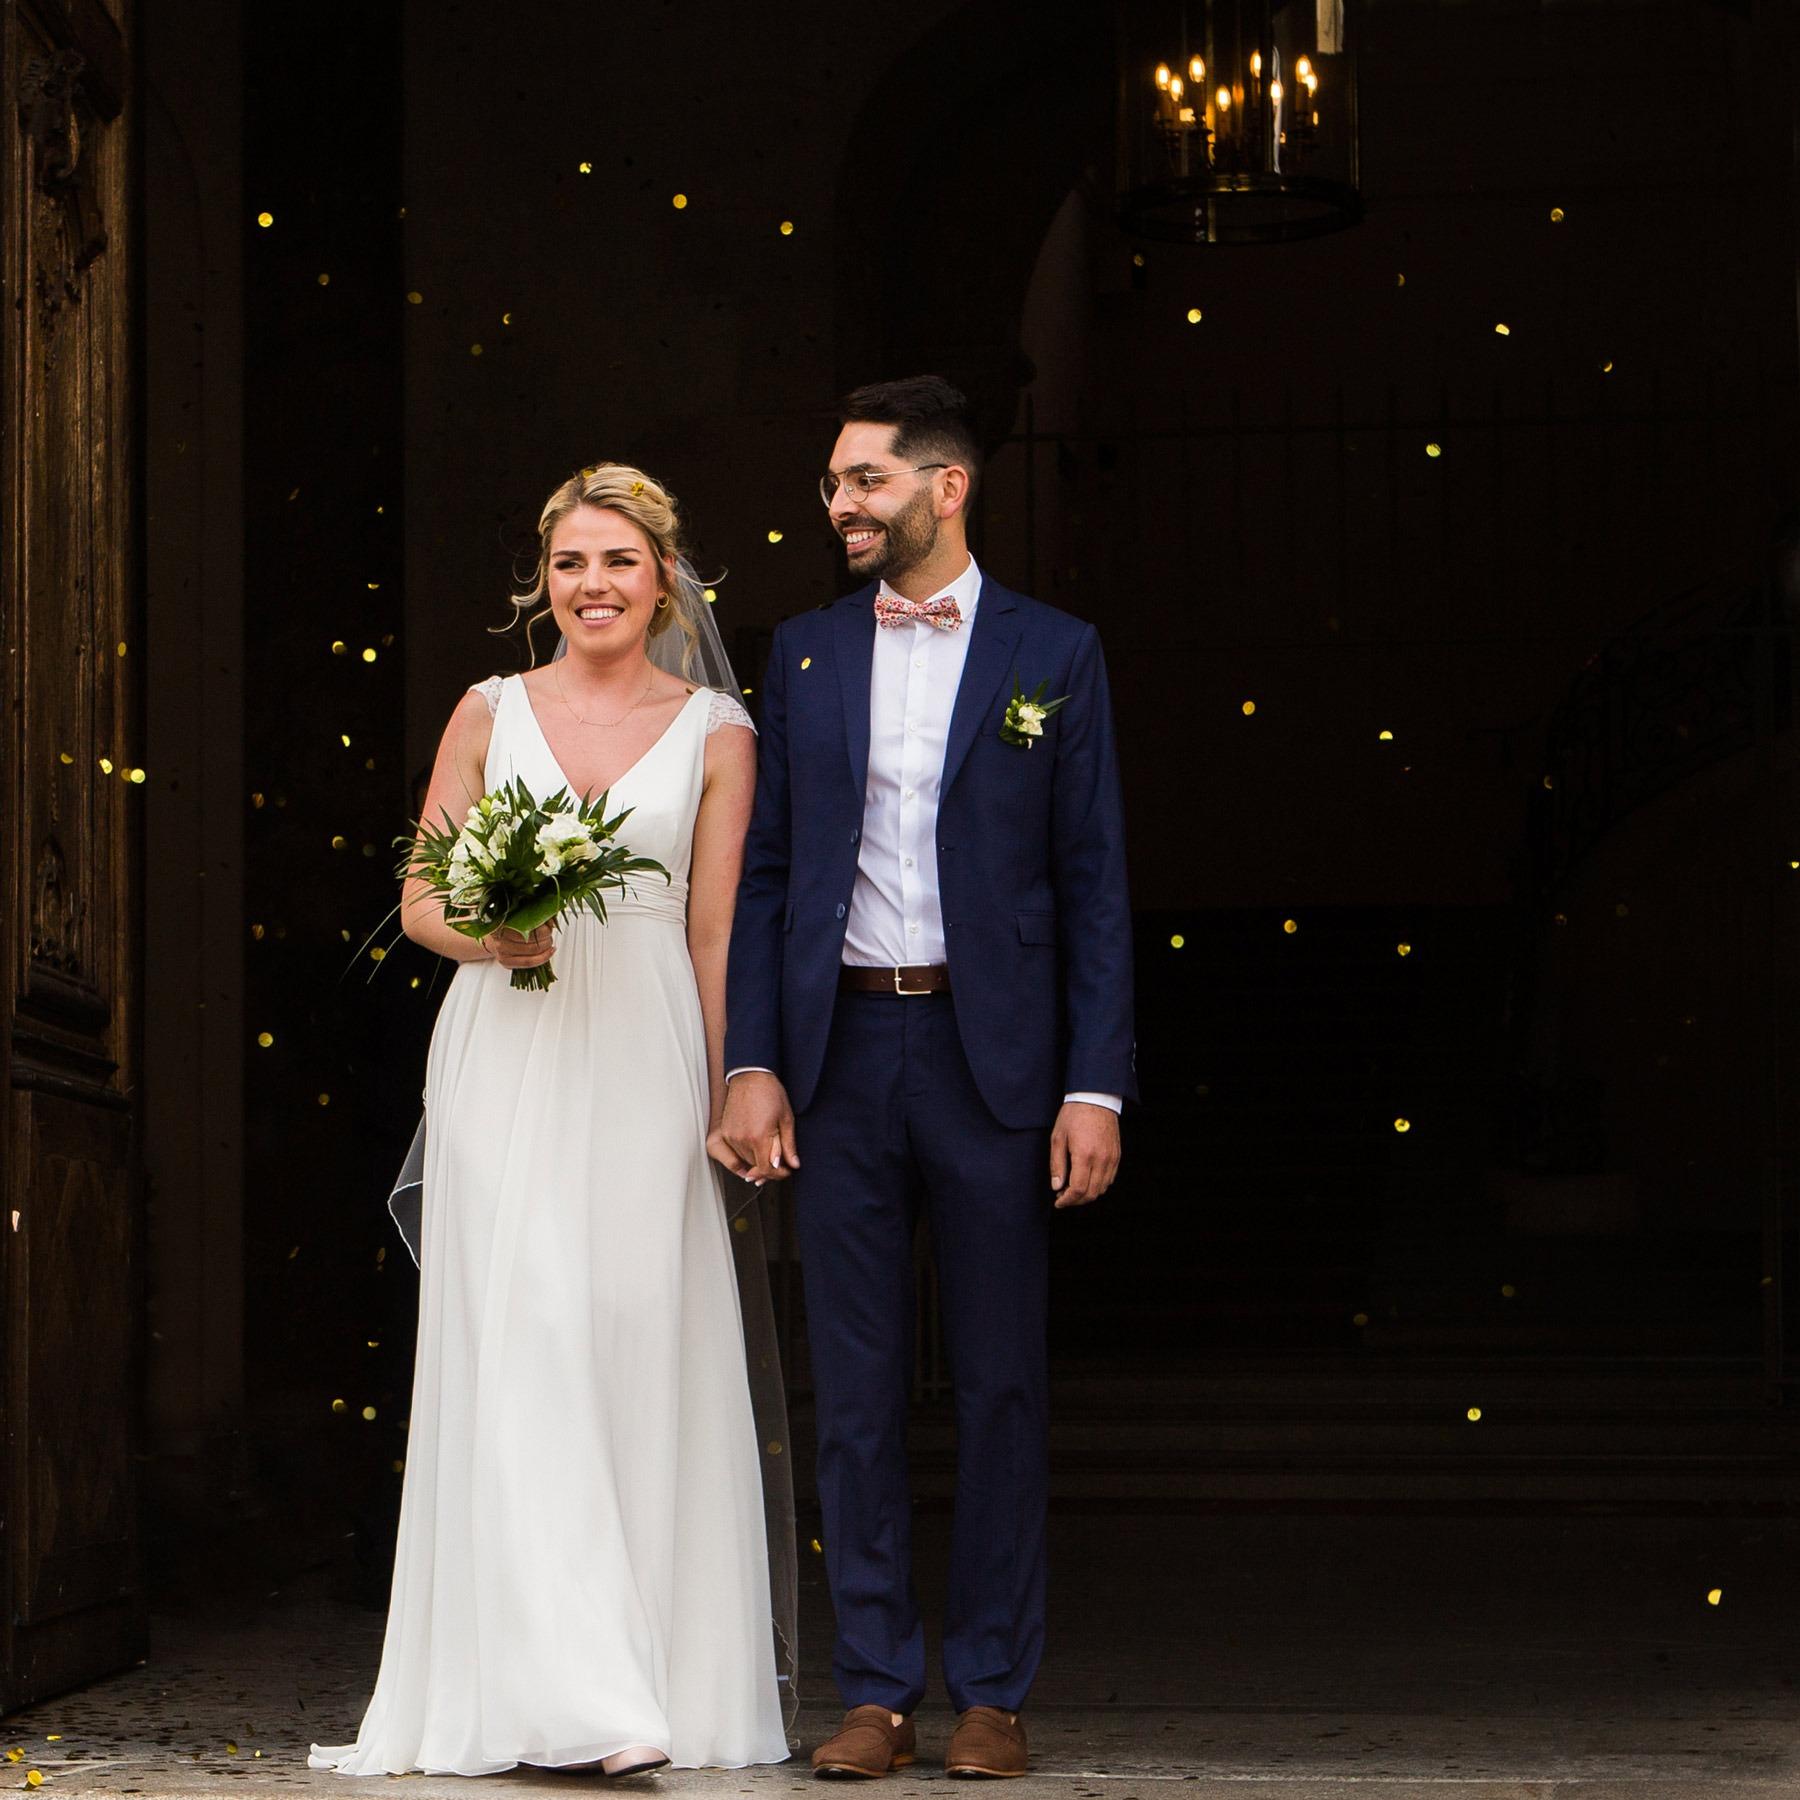 claire-huteau-mariage-site-photographe-mariés-rennes